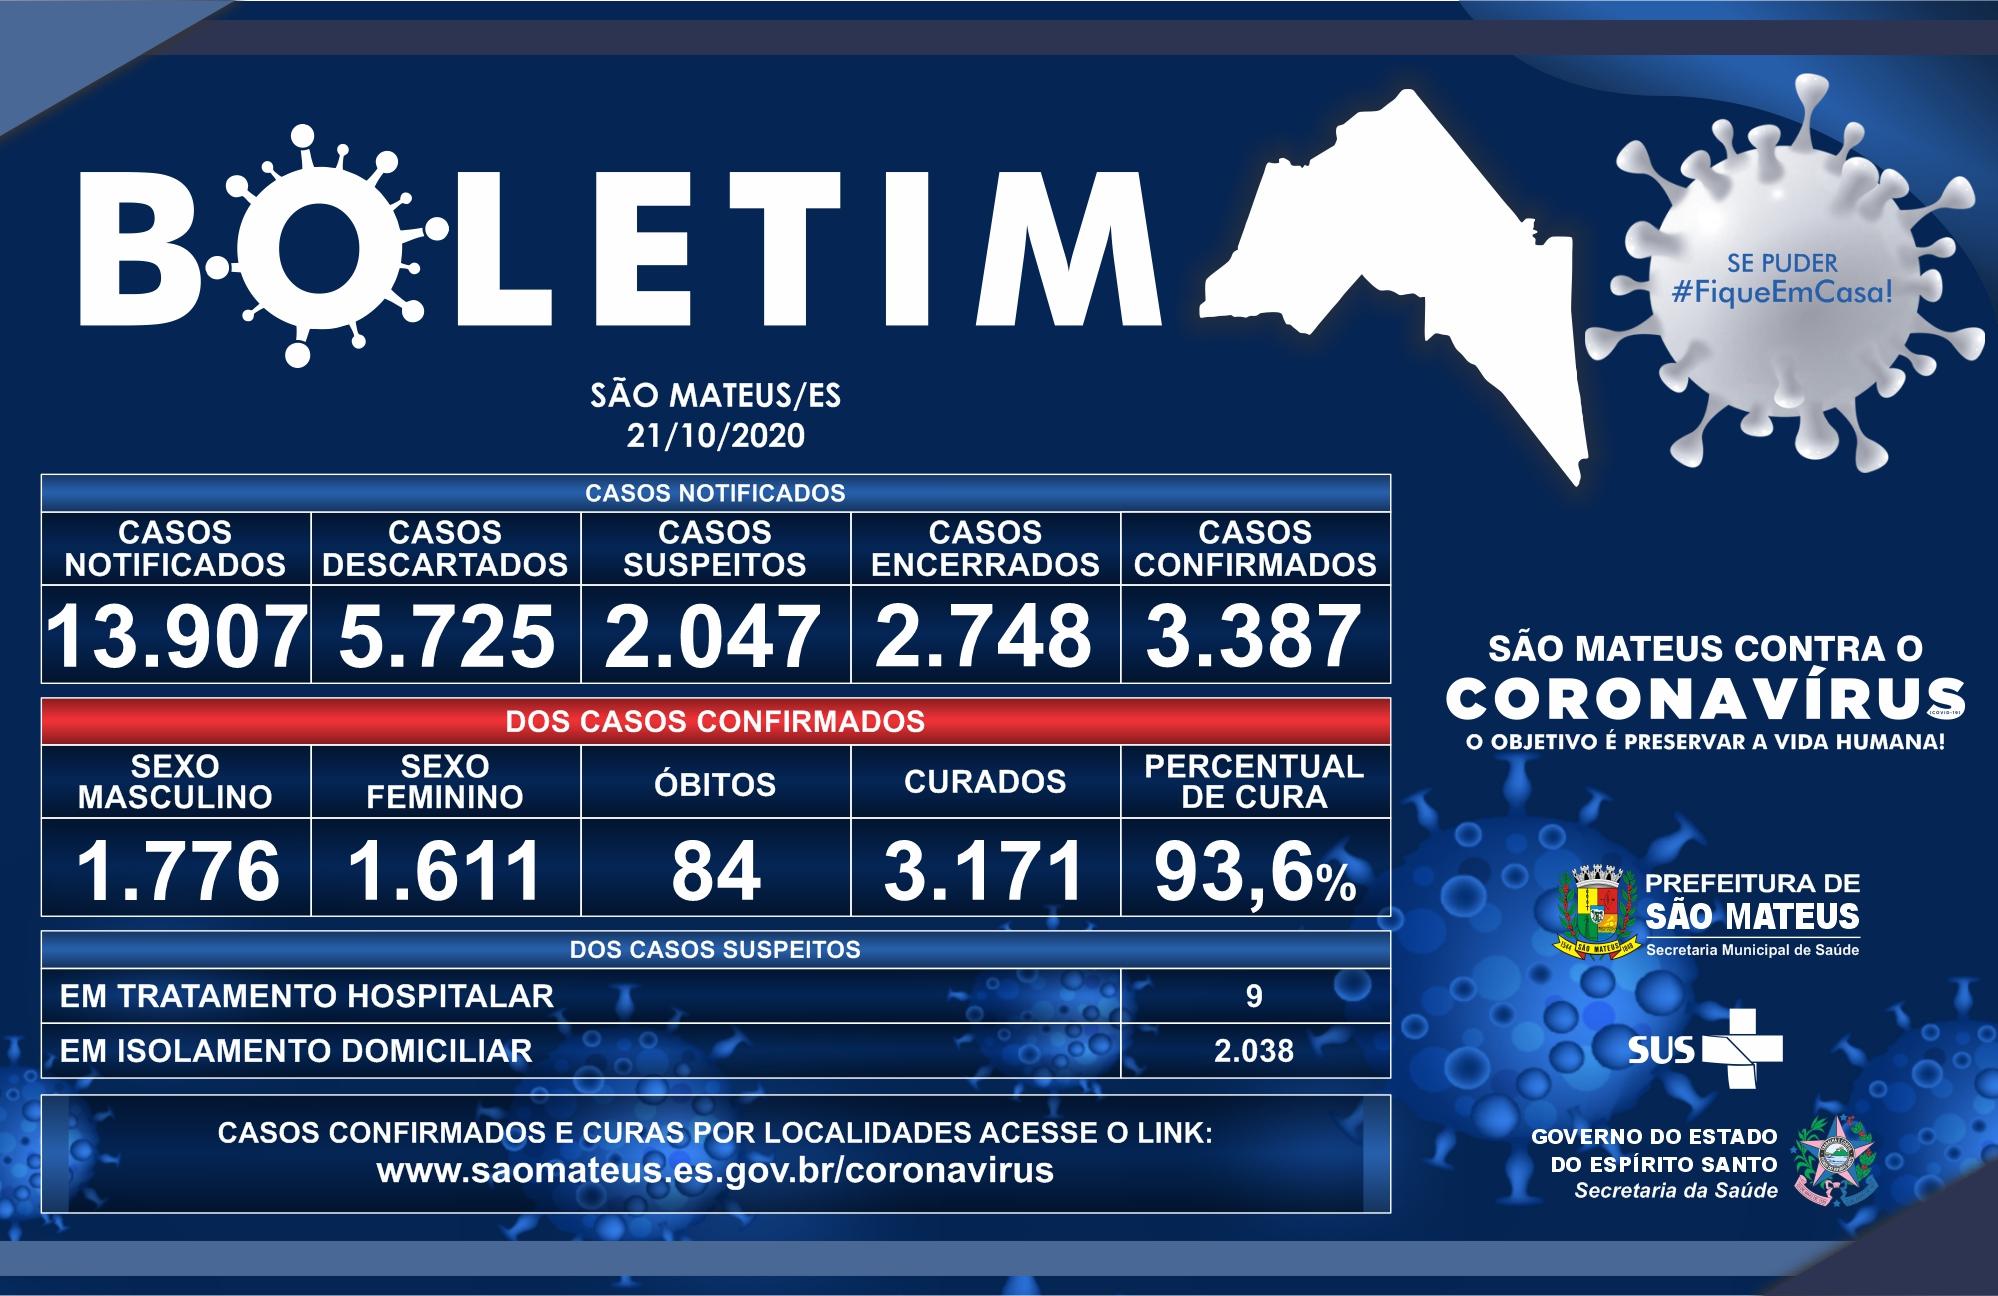 CORONAVÍRUS: SÃO MATEUS REGISTRA MAIS 13 CASOS CONFIRMADOS E 2 CURAS NESTA QUARTA-FEIRA (21)